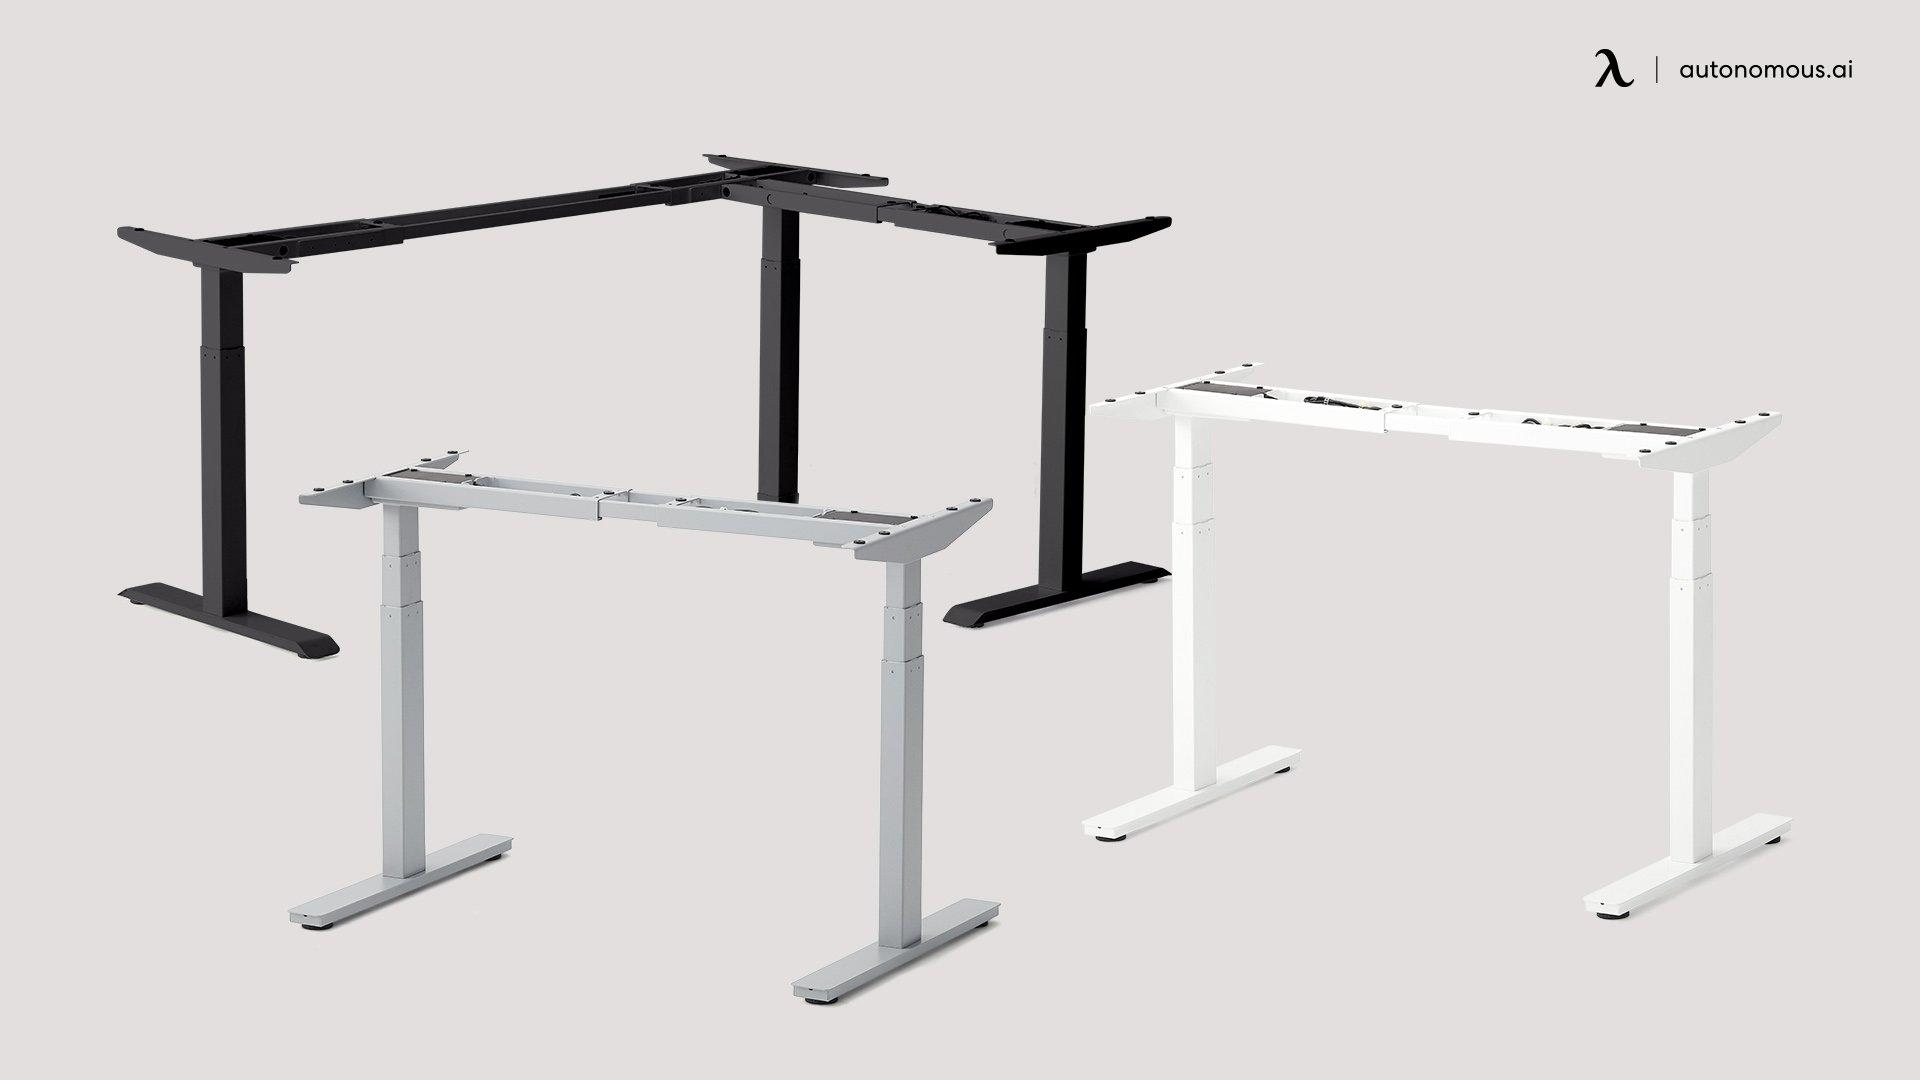 Electric Adjustable Desk Frame